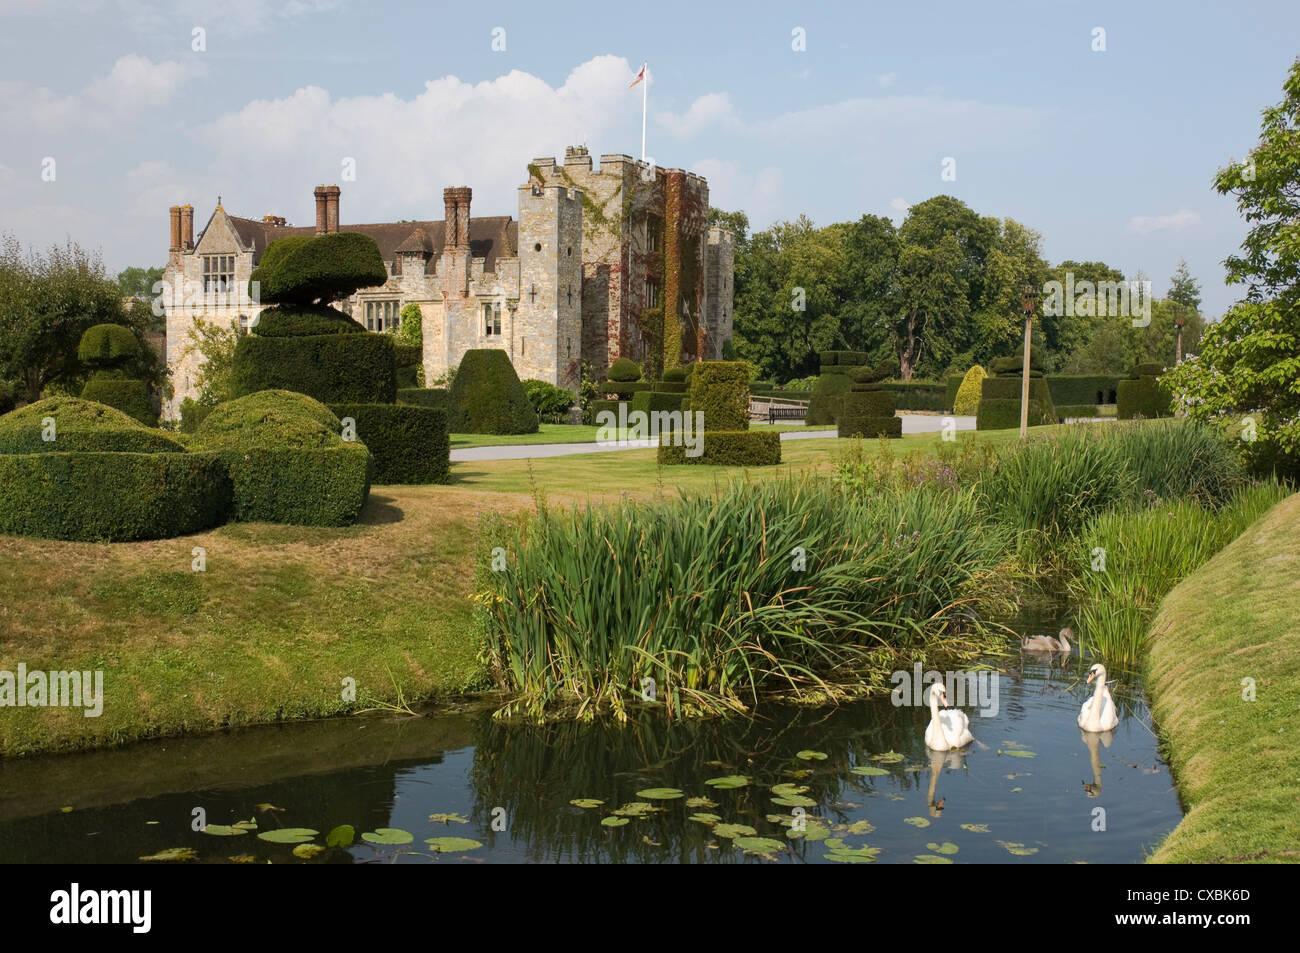 Hever Castle aus dem 13. Jahrhundert, Kindheit Zuhause von Anne Boleyn, Kent, England, Vereinigtes Königreich, Stockbild